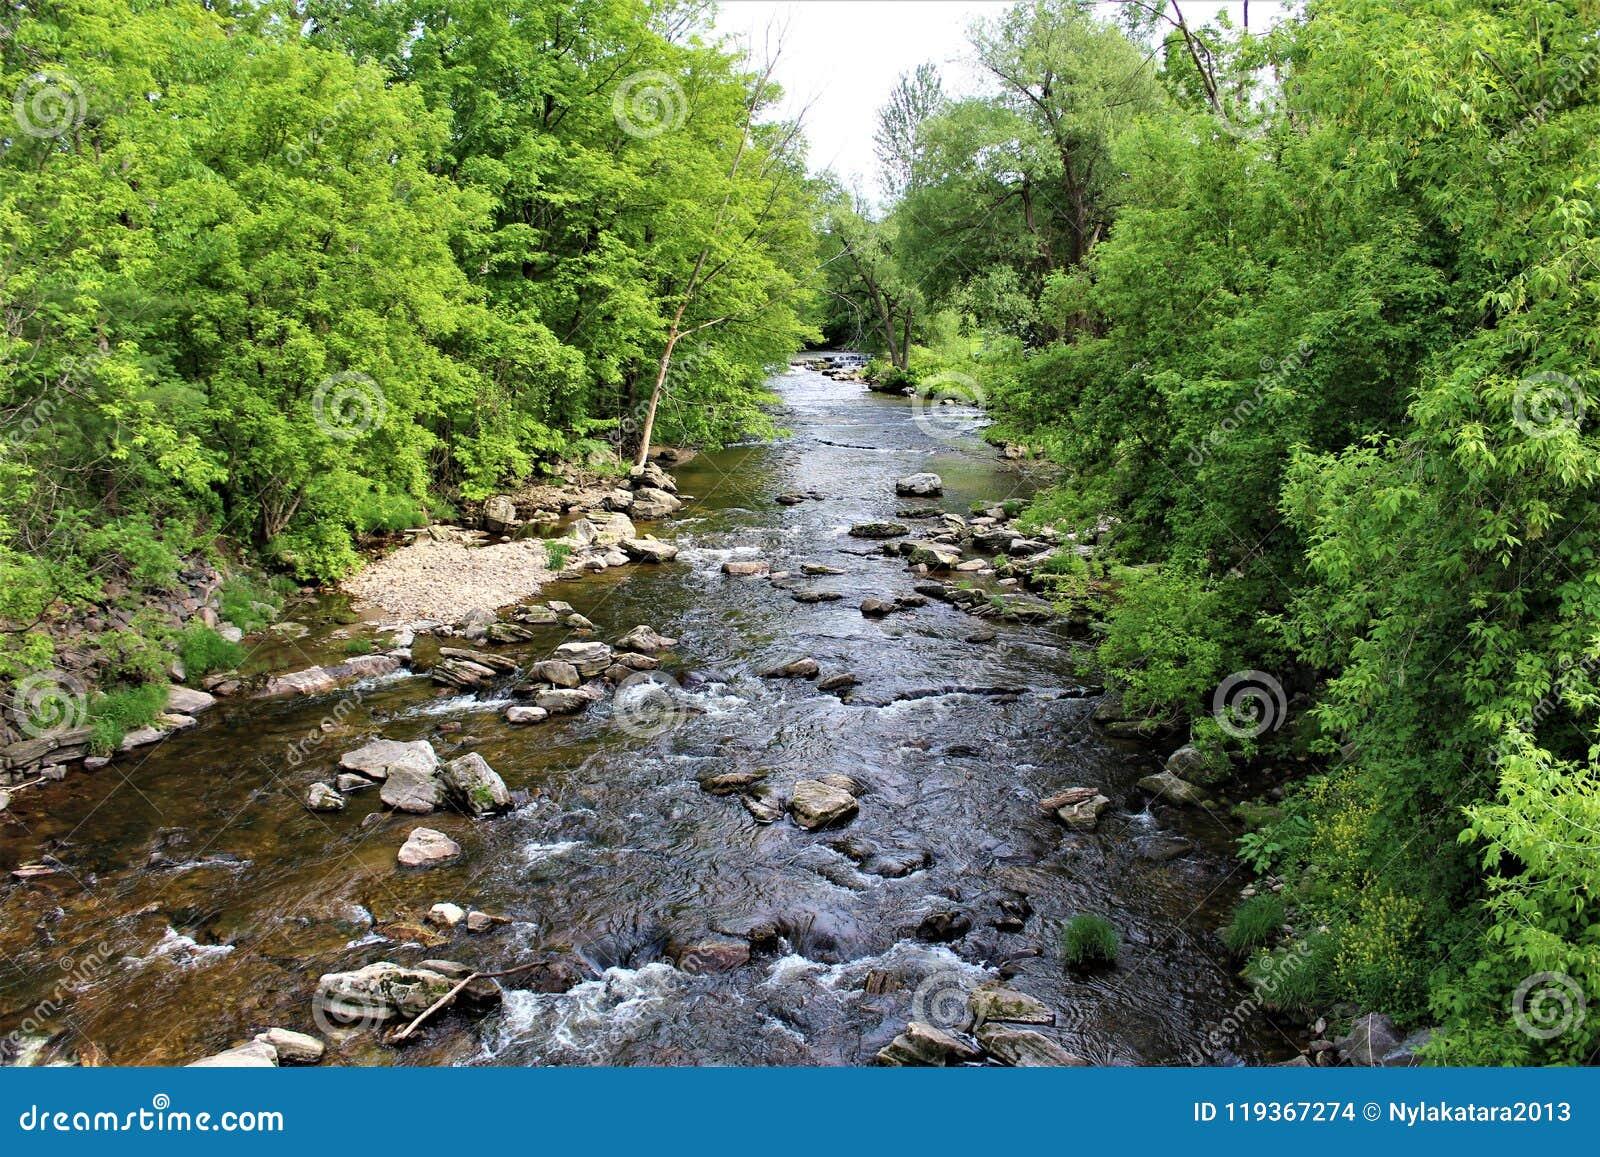 Forellen-Fluss-Strom, Franklin County, Malone, New York, Vereinigte Staaten